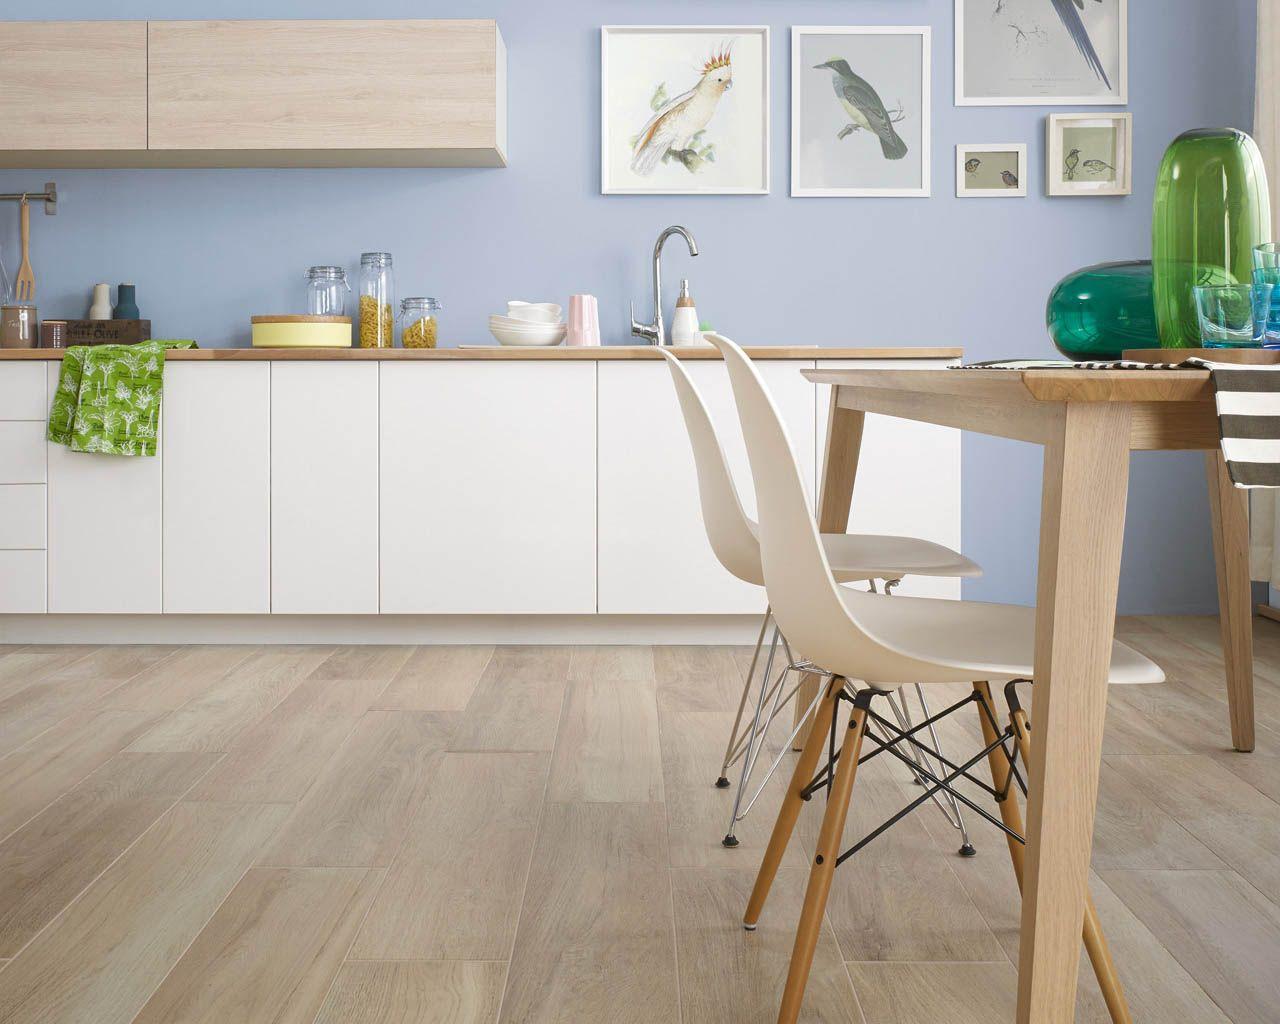 Küchen skandinavischen stil  Holzähnliche Fliesen in einer modernen Küche im skandinavischen Stil ...